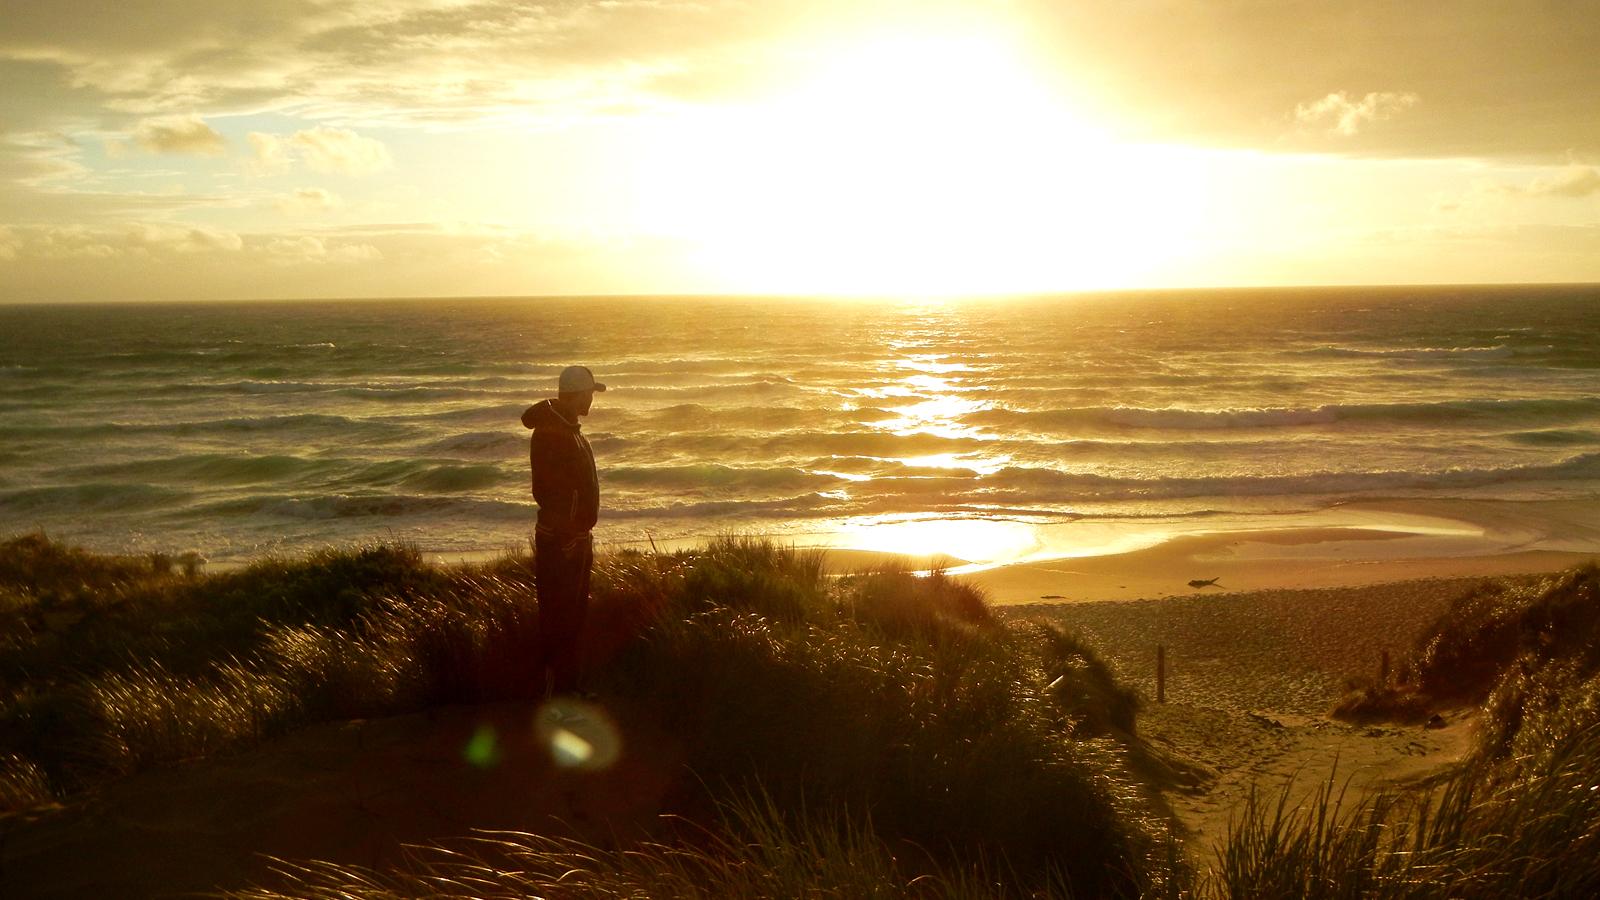 Australien Strände Sonnenuntergang Ostküste traveljunkies Reisen für junge Leute